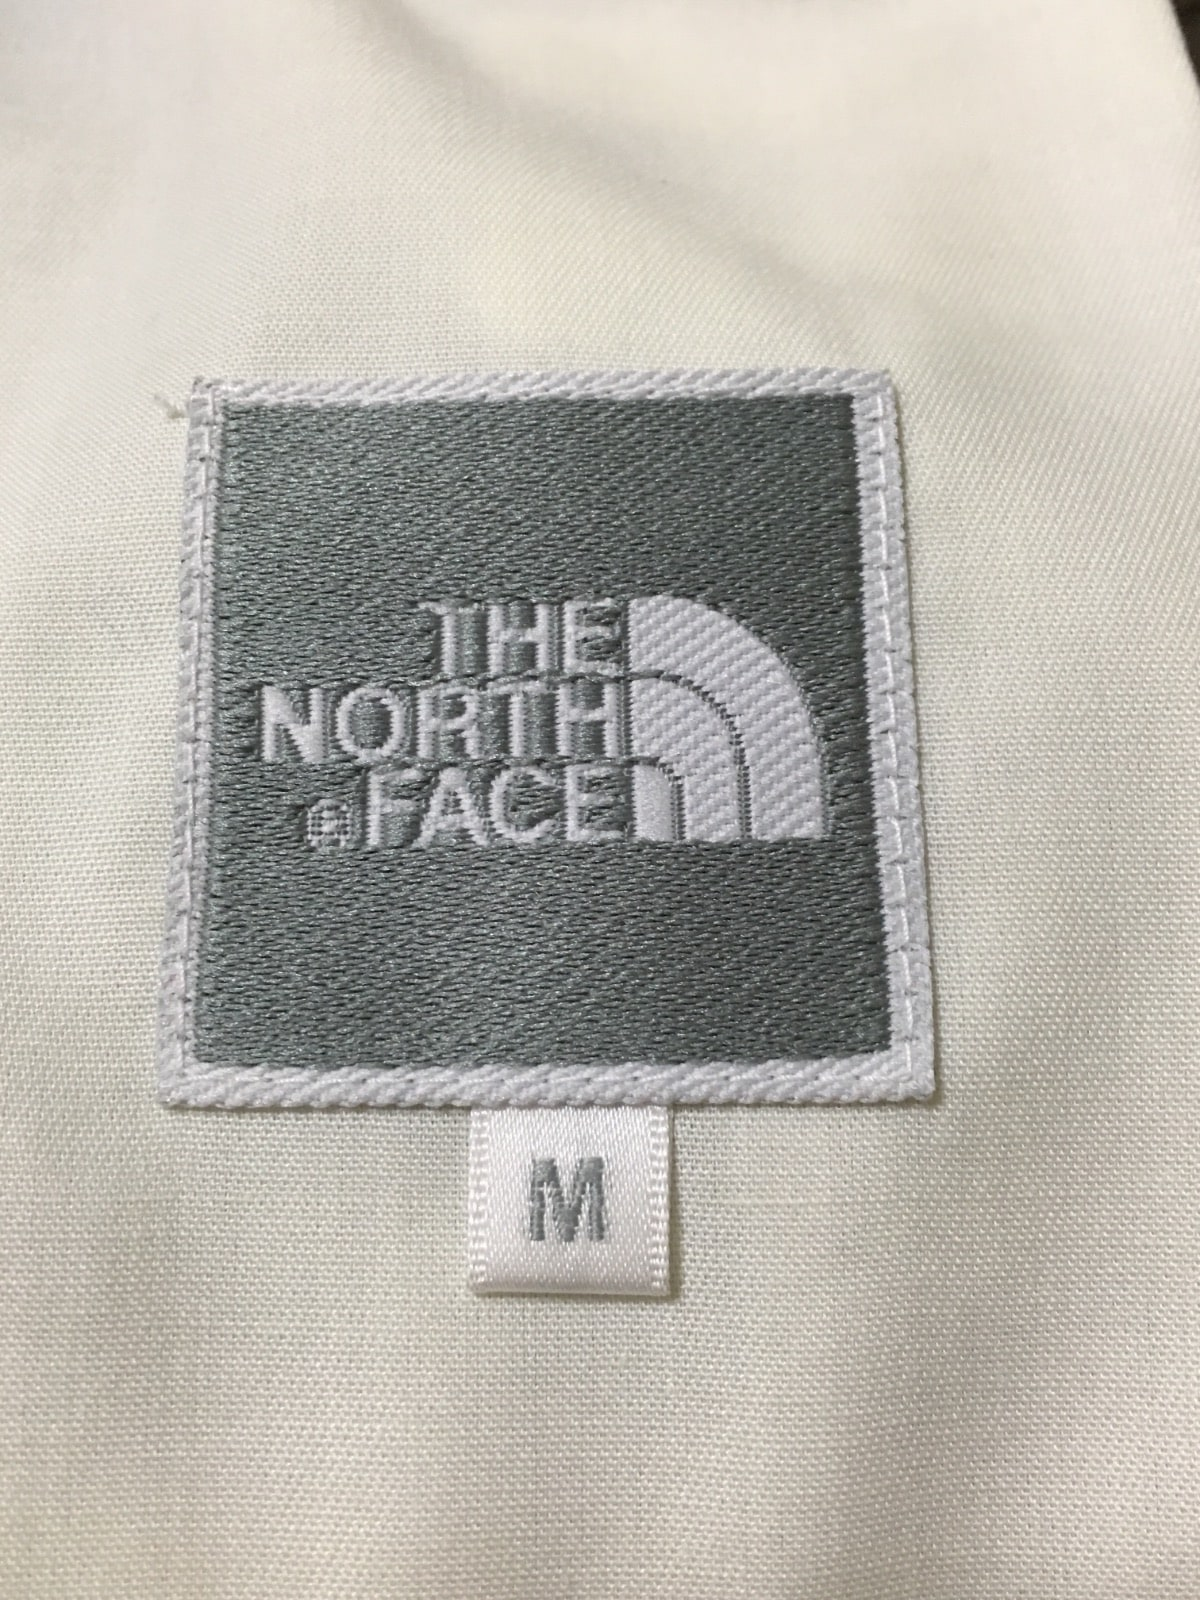 THE NORTH FACE(ノースフェイス)のパンツ